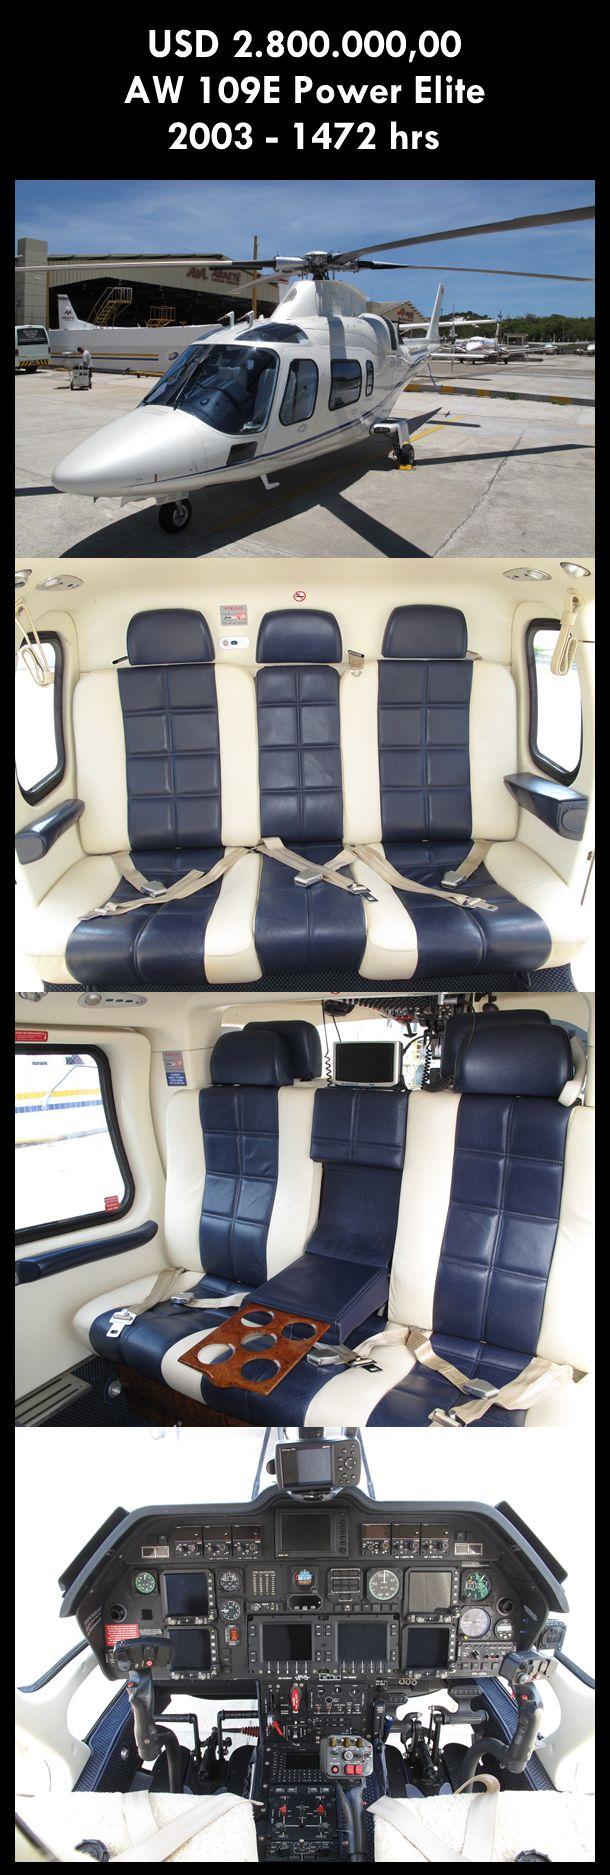 Aeronave à venda: Agusta Westland AW 109E Power Elite, 2003, 1472 hrs. #agusta #agustawestland #aw109epowerelite #agustapowerelite #agustaelite #aw109epower #agustapower #airsoftanv #a109epower #aircraftforsale #aeronaveavenda #pilot #piloto #helicoptero #aviation #aviacao #heli #helicopterforsale  www.airsoftaeronaves.com.br/H208